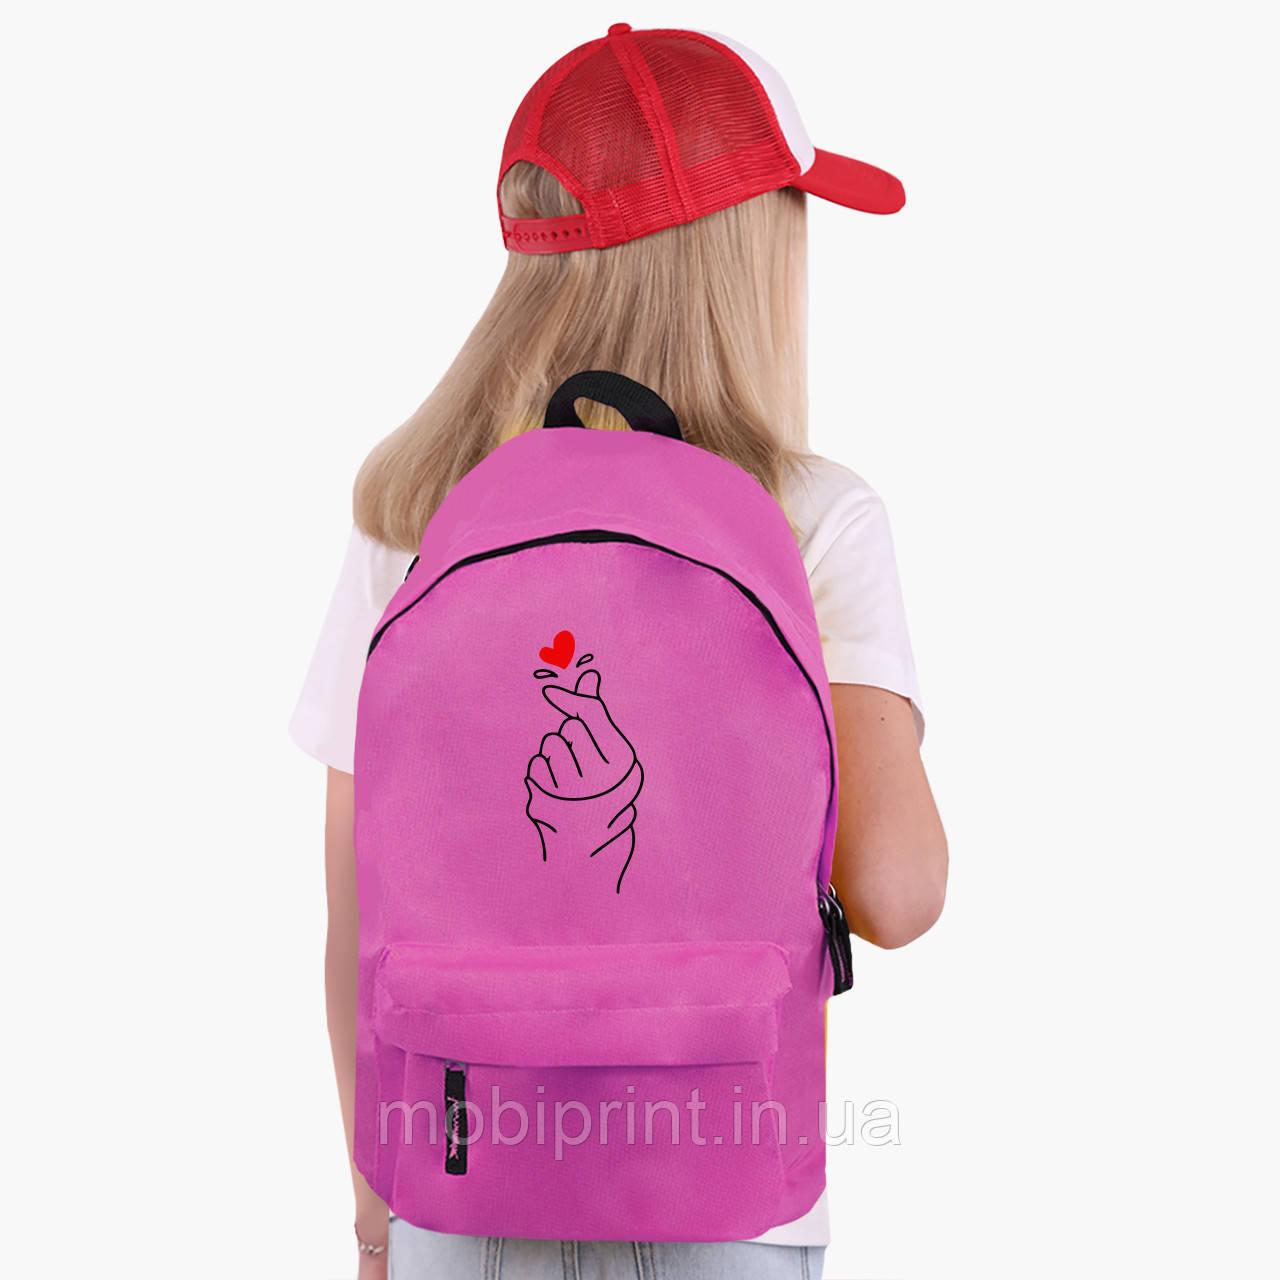 Детский рюкзак БТС (BTS) (9263-1165)